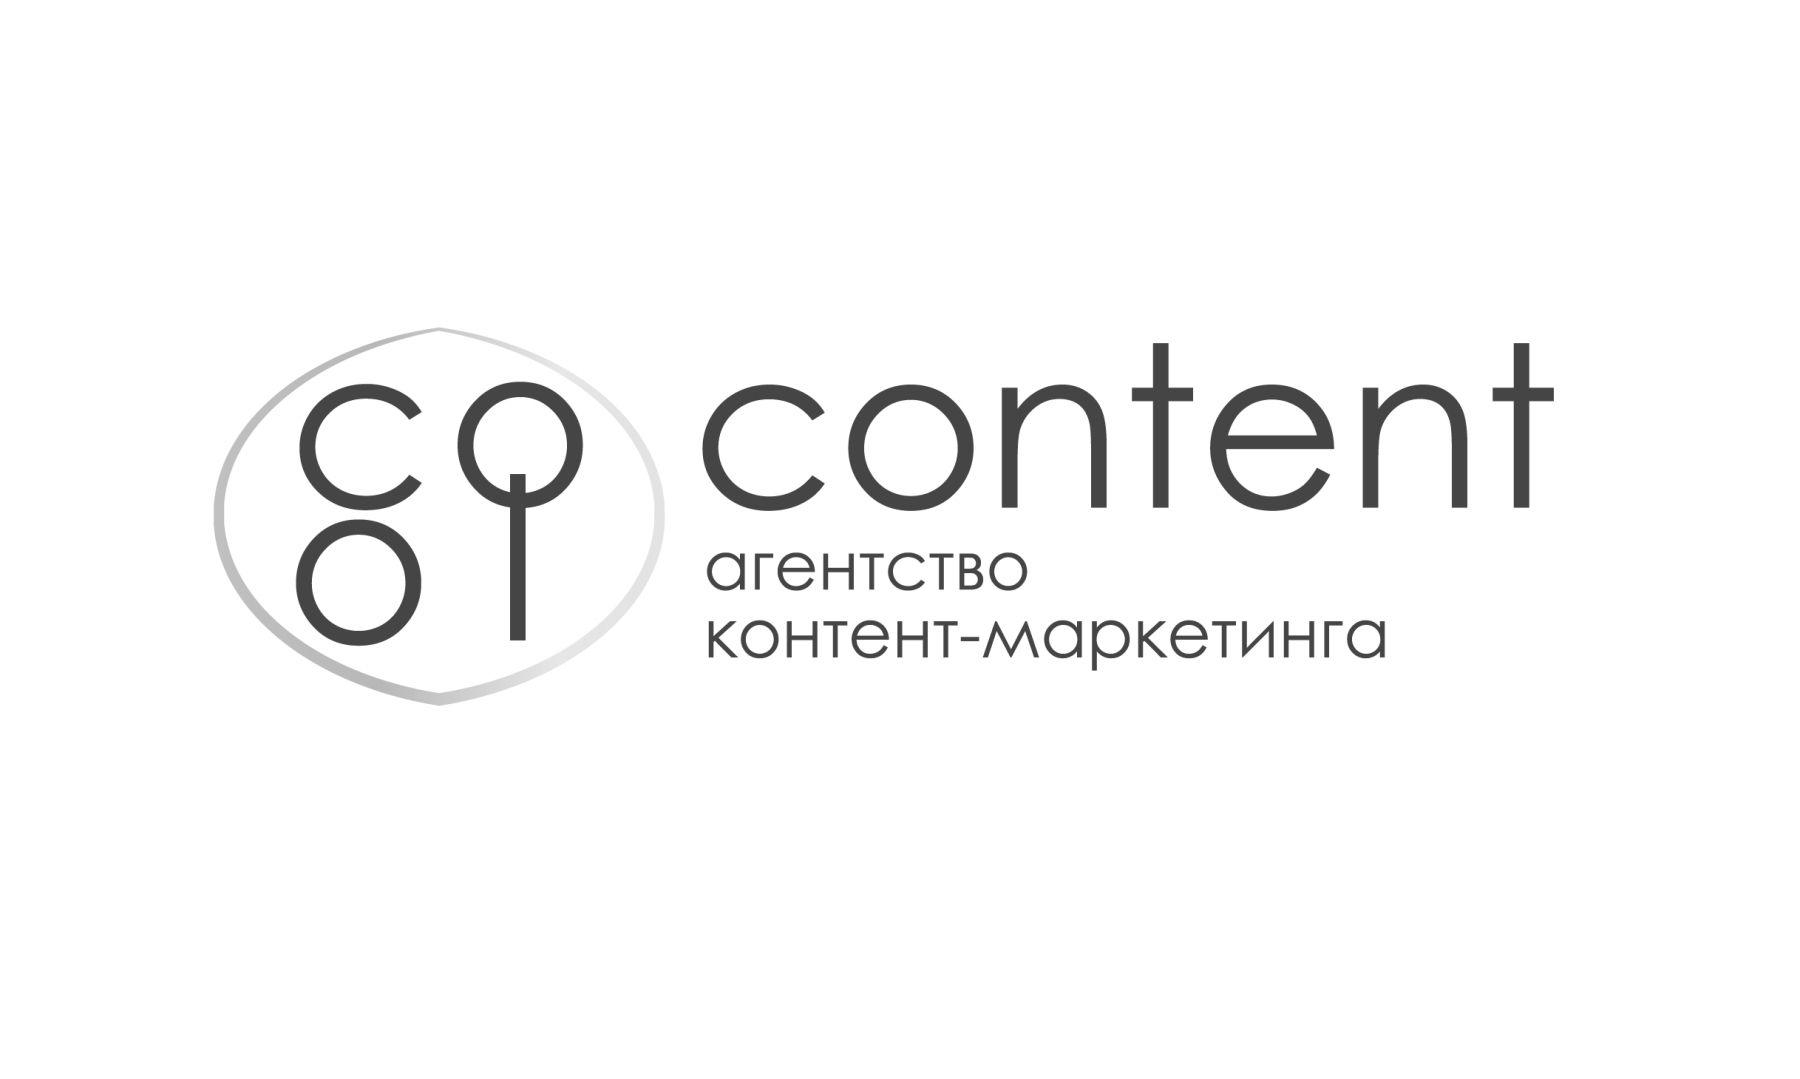 Лого для агентства Cool Content - дизайнер Olya_Thea